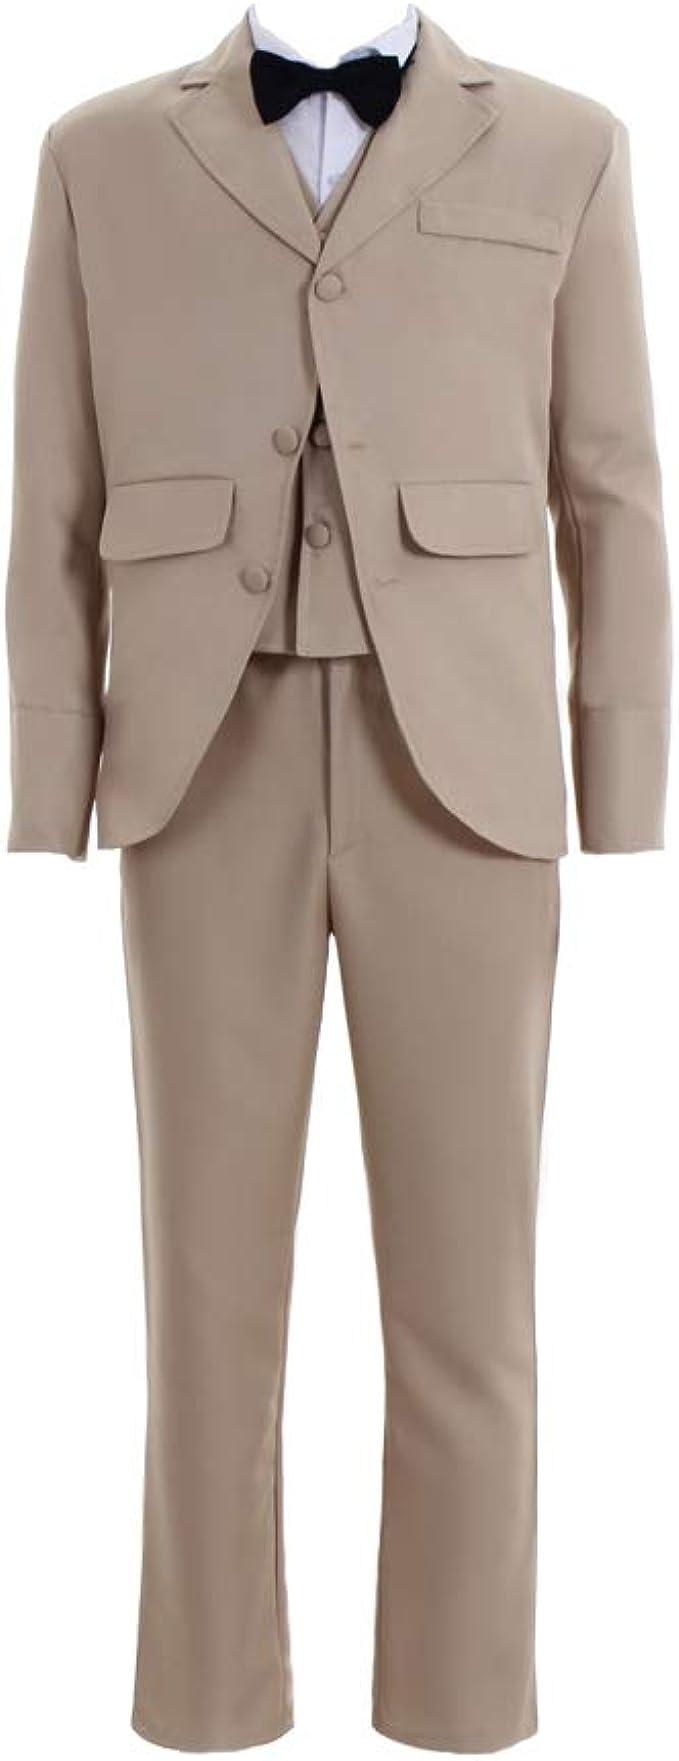 1900s Edwardian Men's Suits and Coats 1791s lady Mens Costume Retro Renaissance Victorian European Jacket Uniform Suit  AT vintagedancer.com